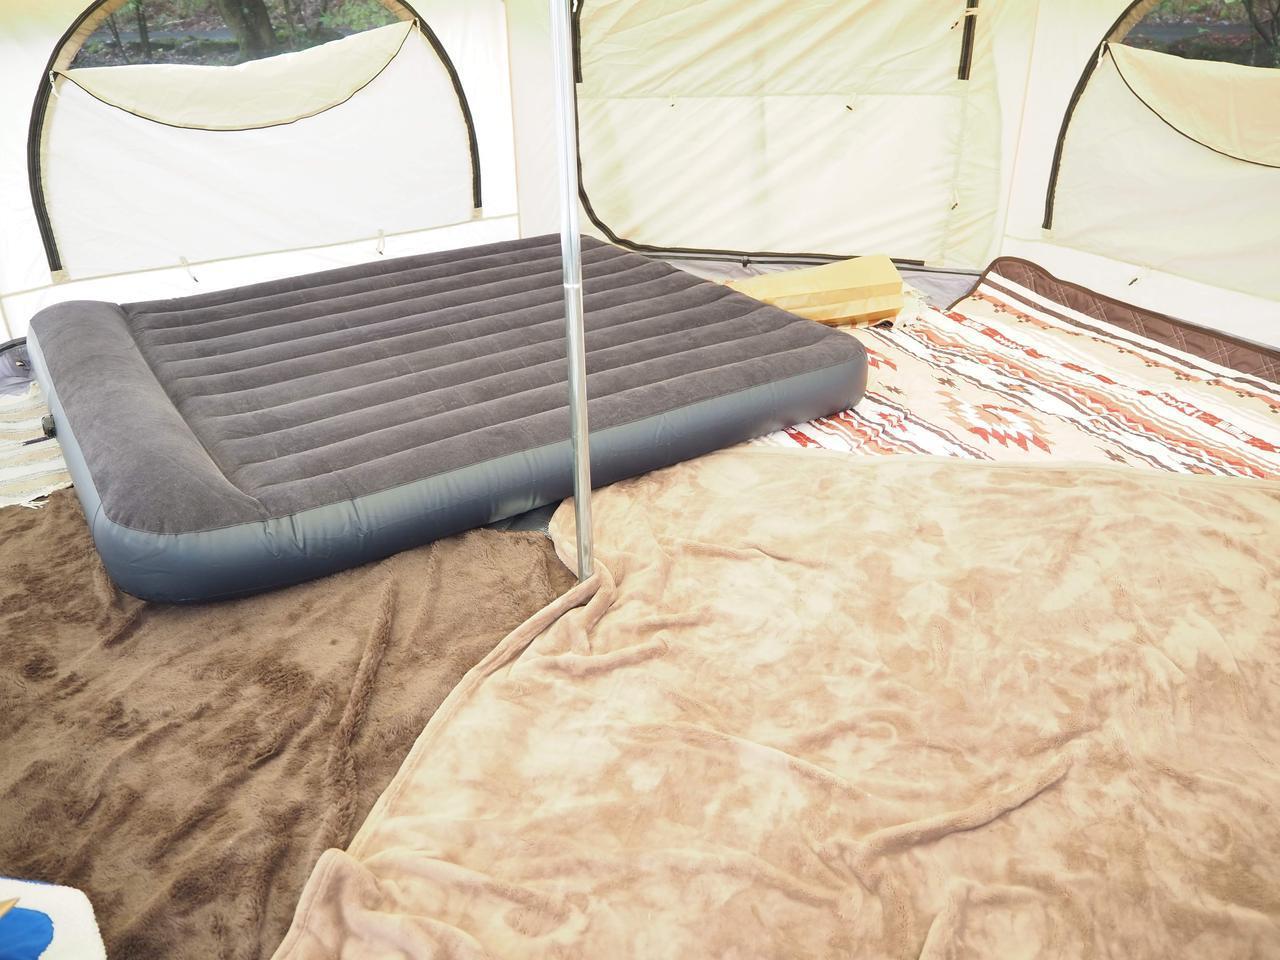 画像: キャンプの秋!ぐっすり眠れる寝心地重視のエアーベッドのススメ - ハピキャン(HAPPY CAMPER)